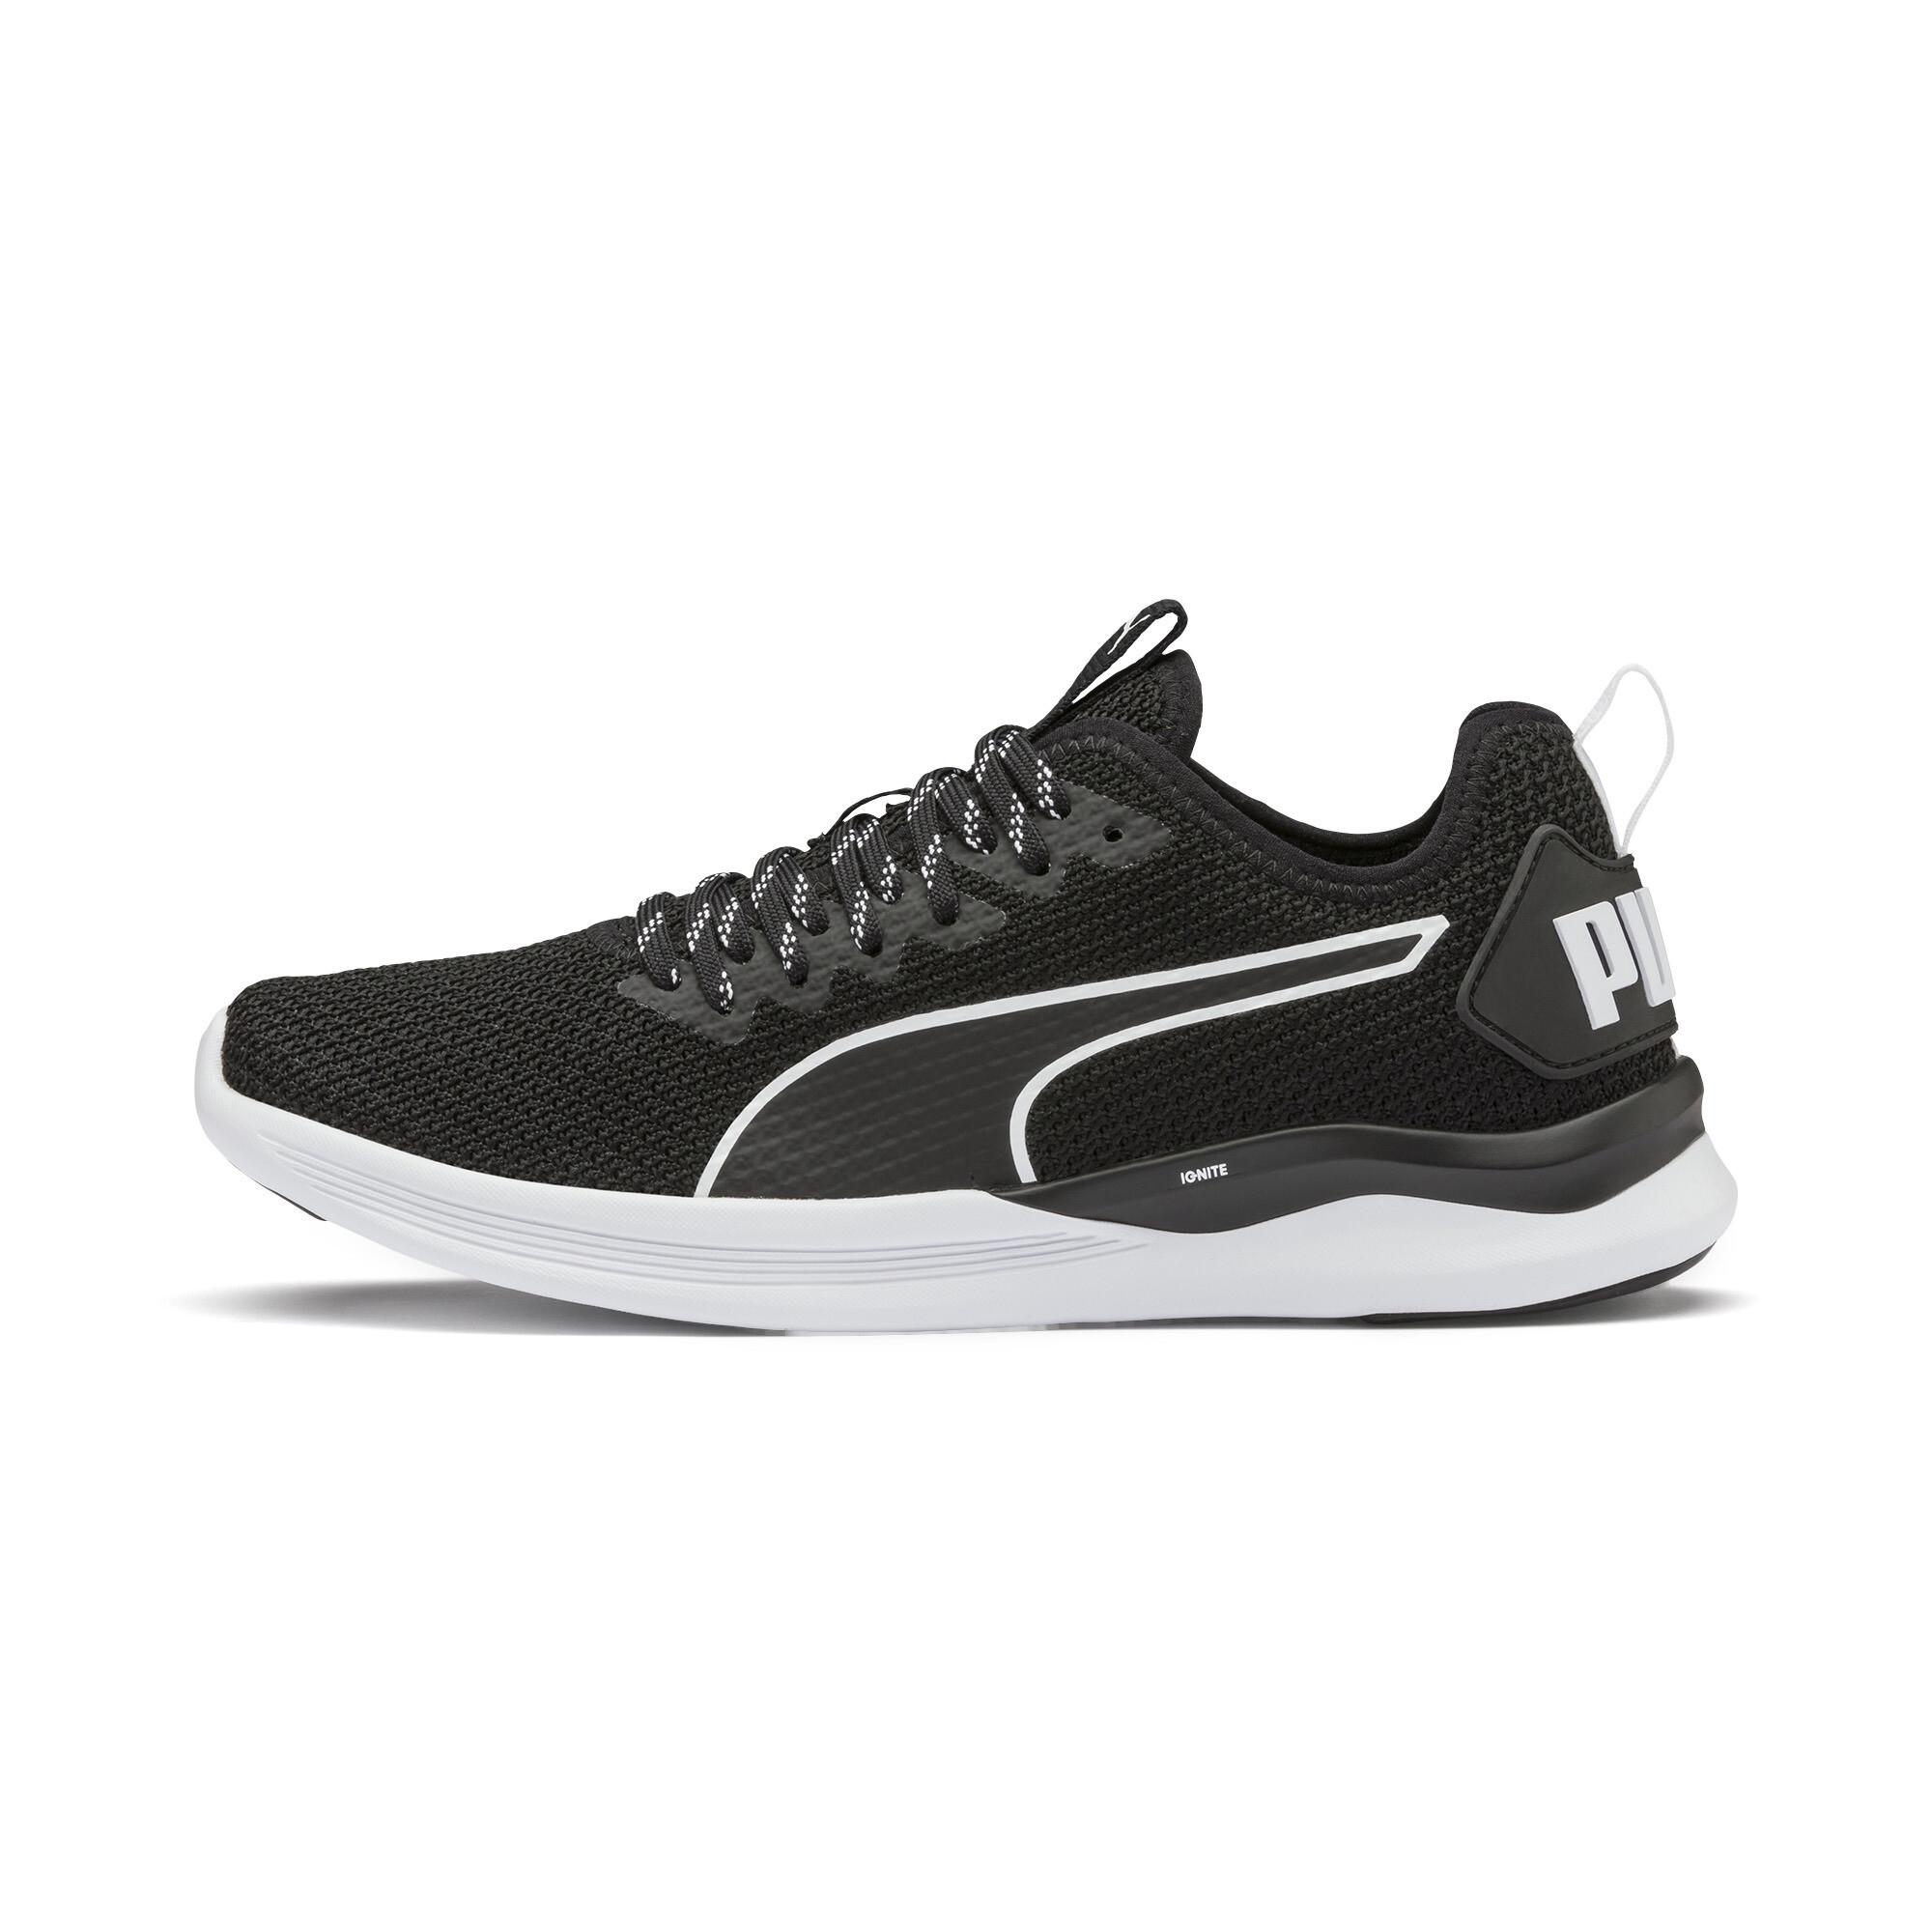 PUMA-IGNITE-Flash-Women-s-Training-Shoes-Women-Shoe-Running thumbnail 11